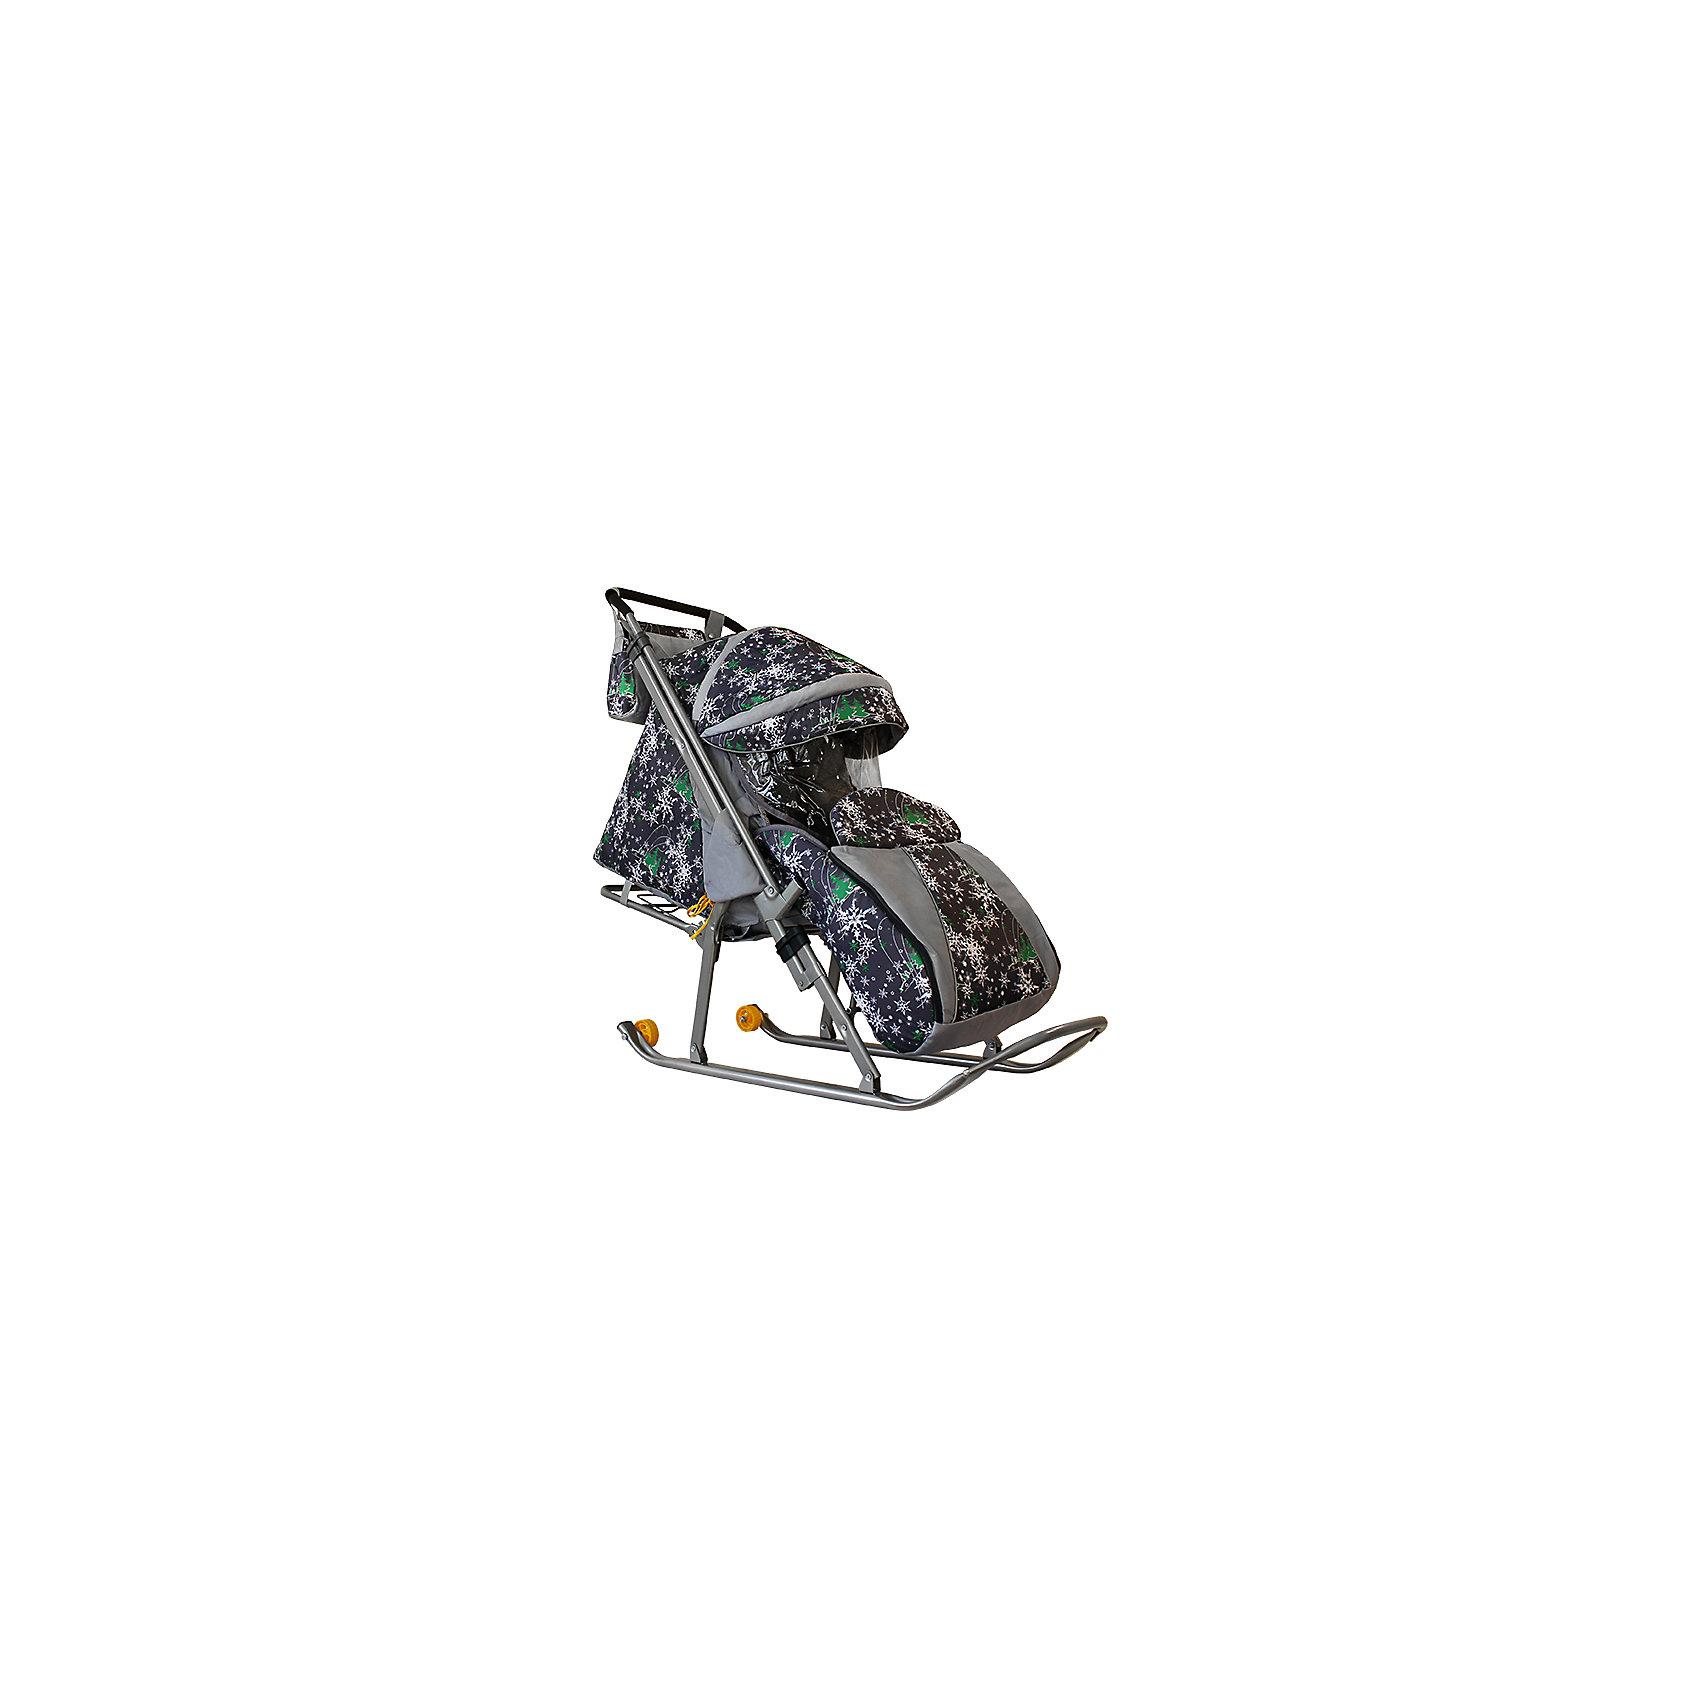 Санки-коляска Галактика. Скандинавия, Galaxy, елки на серомХарактеристики:<br><br>• Наименование: санки-коляска<br>• Сезон: зима<br>• Пол: универсальный<br>• Материал: металл, пластик, текстиль<br>• Цвет: серый, зеленый, белый<br>• Наличие 2-х маленьких колесиков<br>• Наличие перекидной ручки<br>• Наличие ремней безопасности<br>• Максимально допустимый вес: 50 кг<br>• Размеры (Д*Ш*В): 94*36*104 см<br>• Вес: 6 кг 500 г<br>• Спинка регулируемая<br><br>Санки-коляска Галактика. Скандинавия, Galaxy, елки на сером предназначены для зимних прогулок с ребенком по разным видам дорожной поверхности. Санки оснащены полозьями и дополнительно маленькими колесиками, которые позволяют без труда преодолеть незаснеженные участки дороги. Чехлы, выполненые из непродуваемого и непромокаемого материала, обеспечат клмфортные прогулки даже в самую непогоду, а регулируемая по высоте спинка позволит не прерывать прогулку, даже если малыш заснул. Санки-коляска оснащены ремнями безопасности, ручка перекидывается, что делает их удобными не только для ребенка, но и для мамы. <br><br>Санки-коляска Галактика. Скандинавия, Galaxy, елки на сером, можно купить в нашем интернет-магазине.<br><br>Ширина мм: 1090<br>Глубина мм: 445<br>Высота мм: 1060<br>Вес г: 11300<br>Возраст от месяцев: 6<br>Возраст до месяцев: 36<br>Пол: Унисекс<br>Возраст: Детский<br>SKU: 5120630